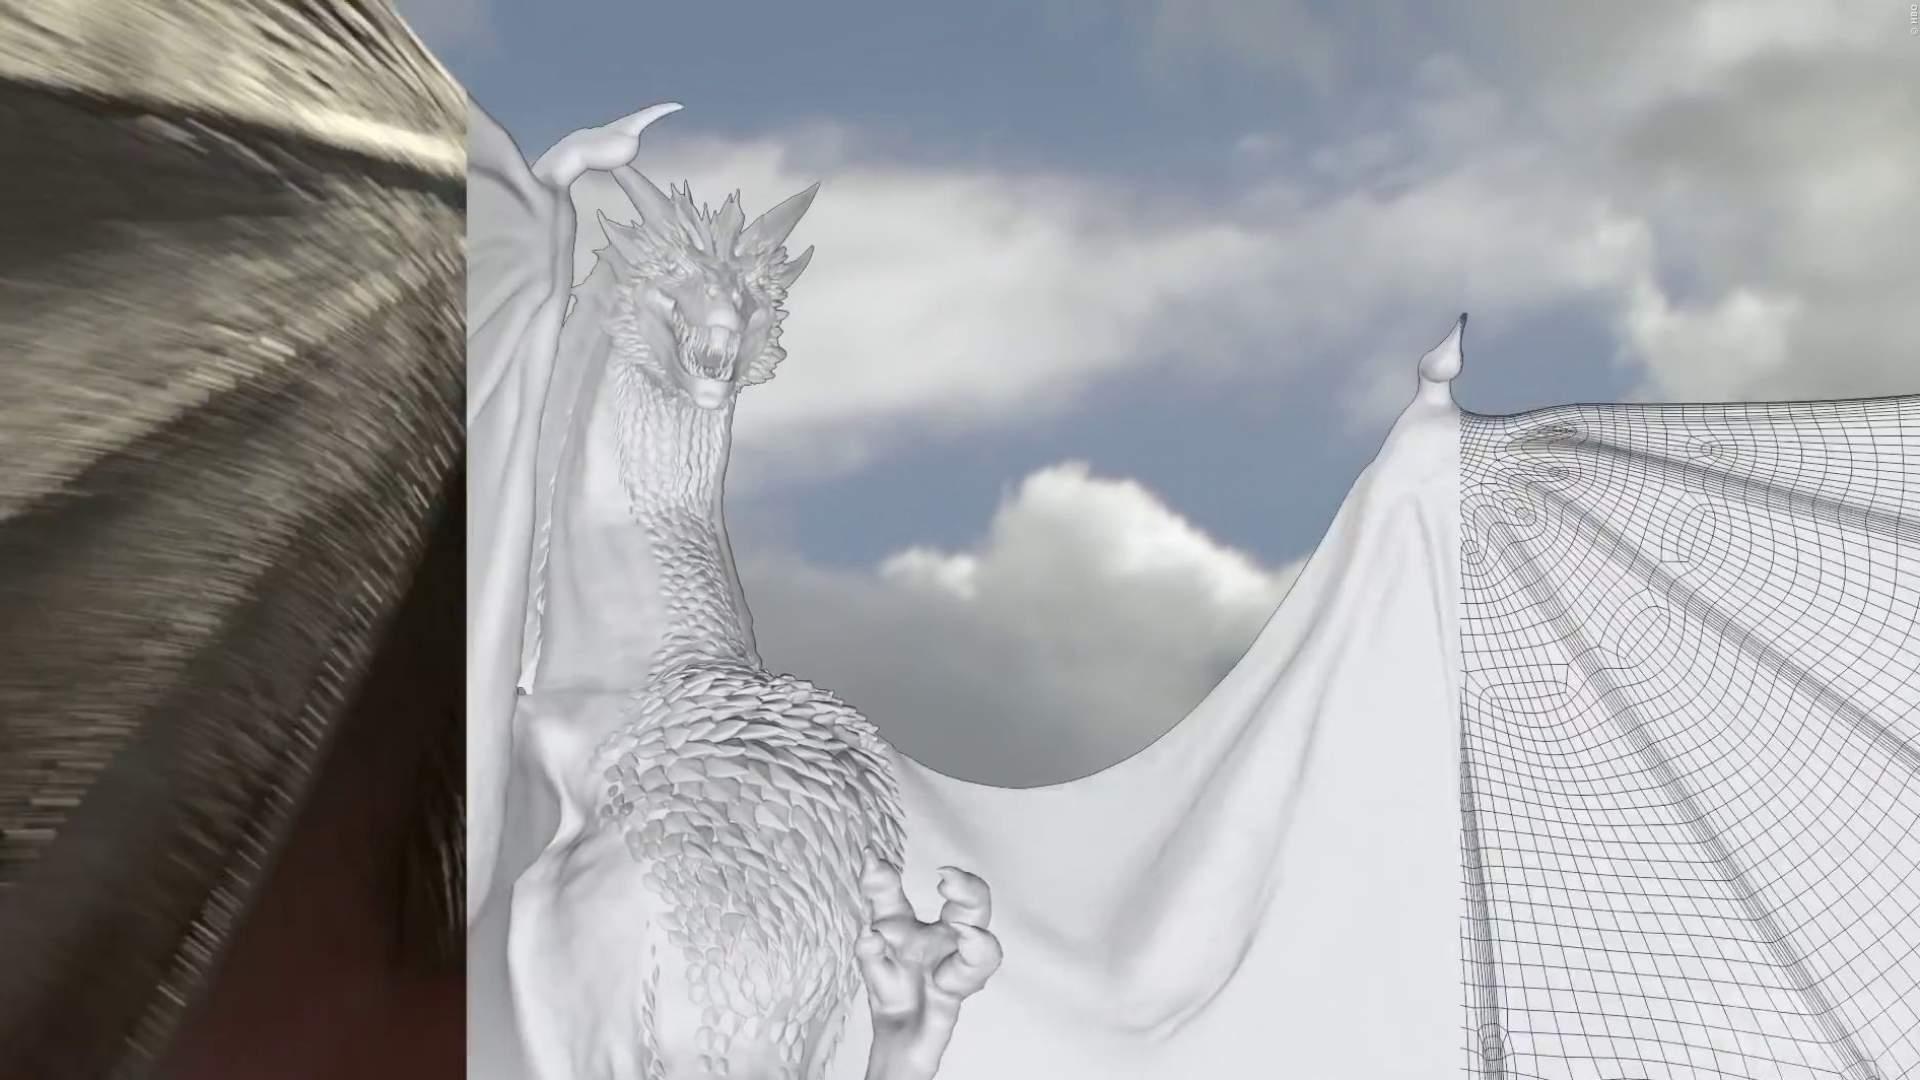 Game Of Thrones Staffel 8: So entstehen die Drachen - Bild 1 von 22